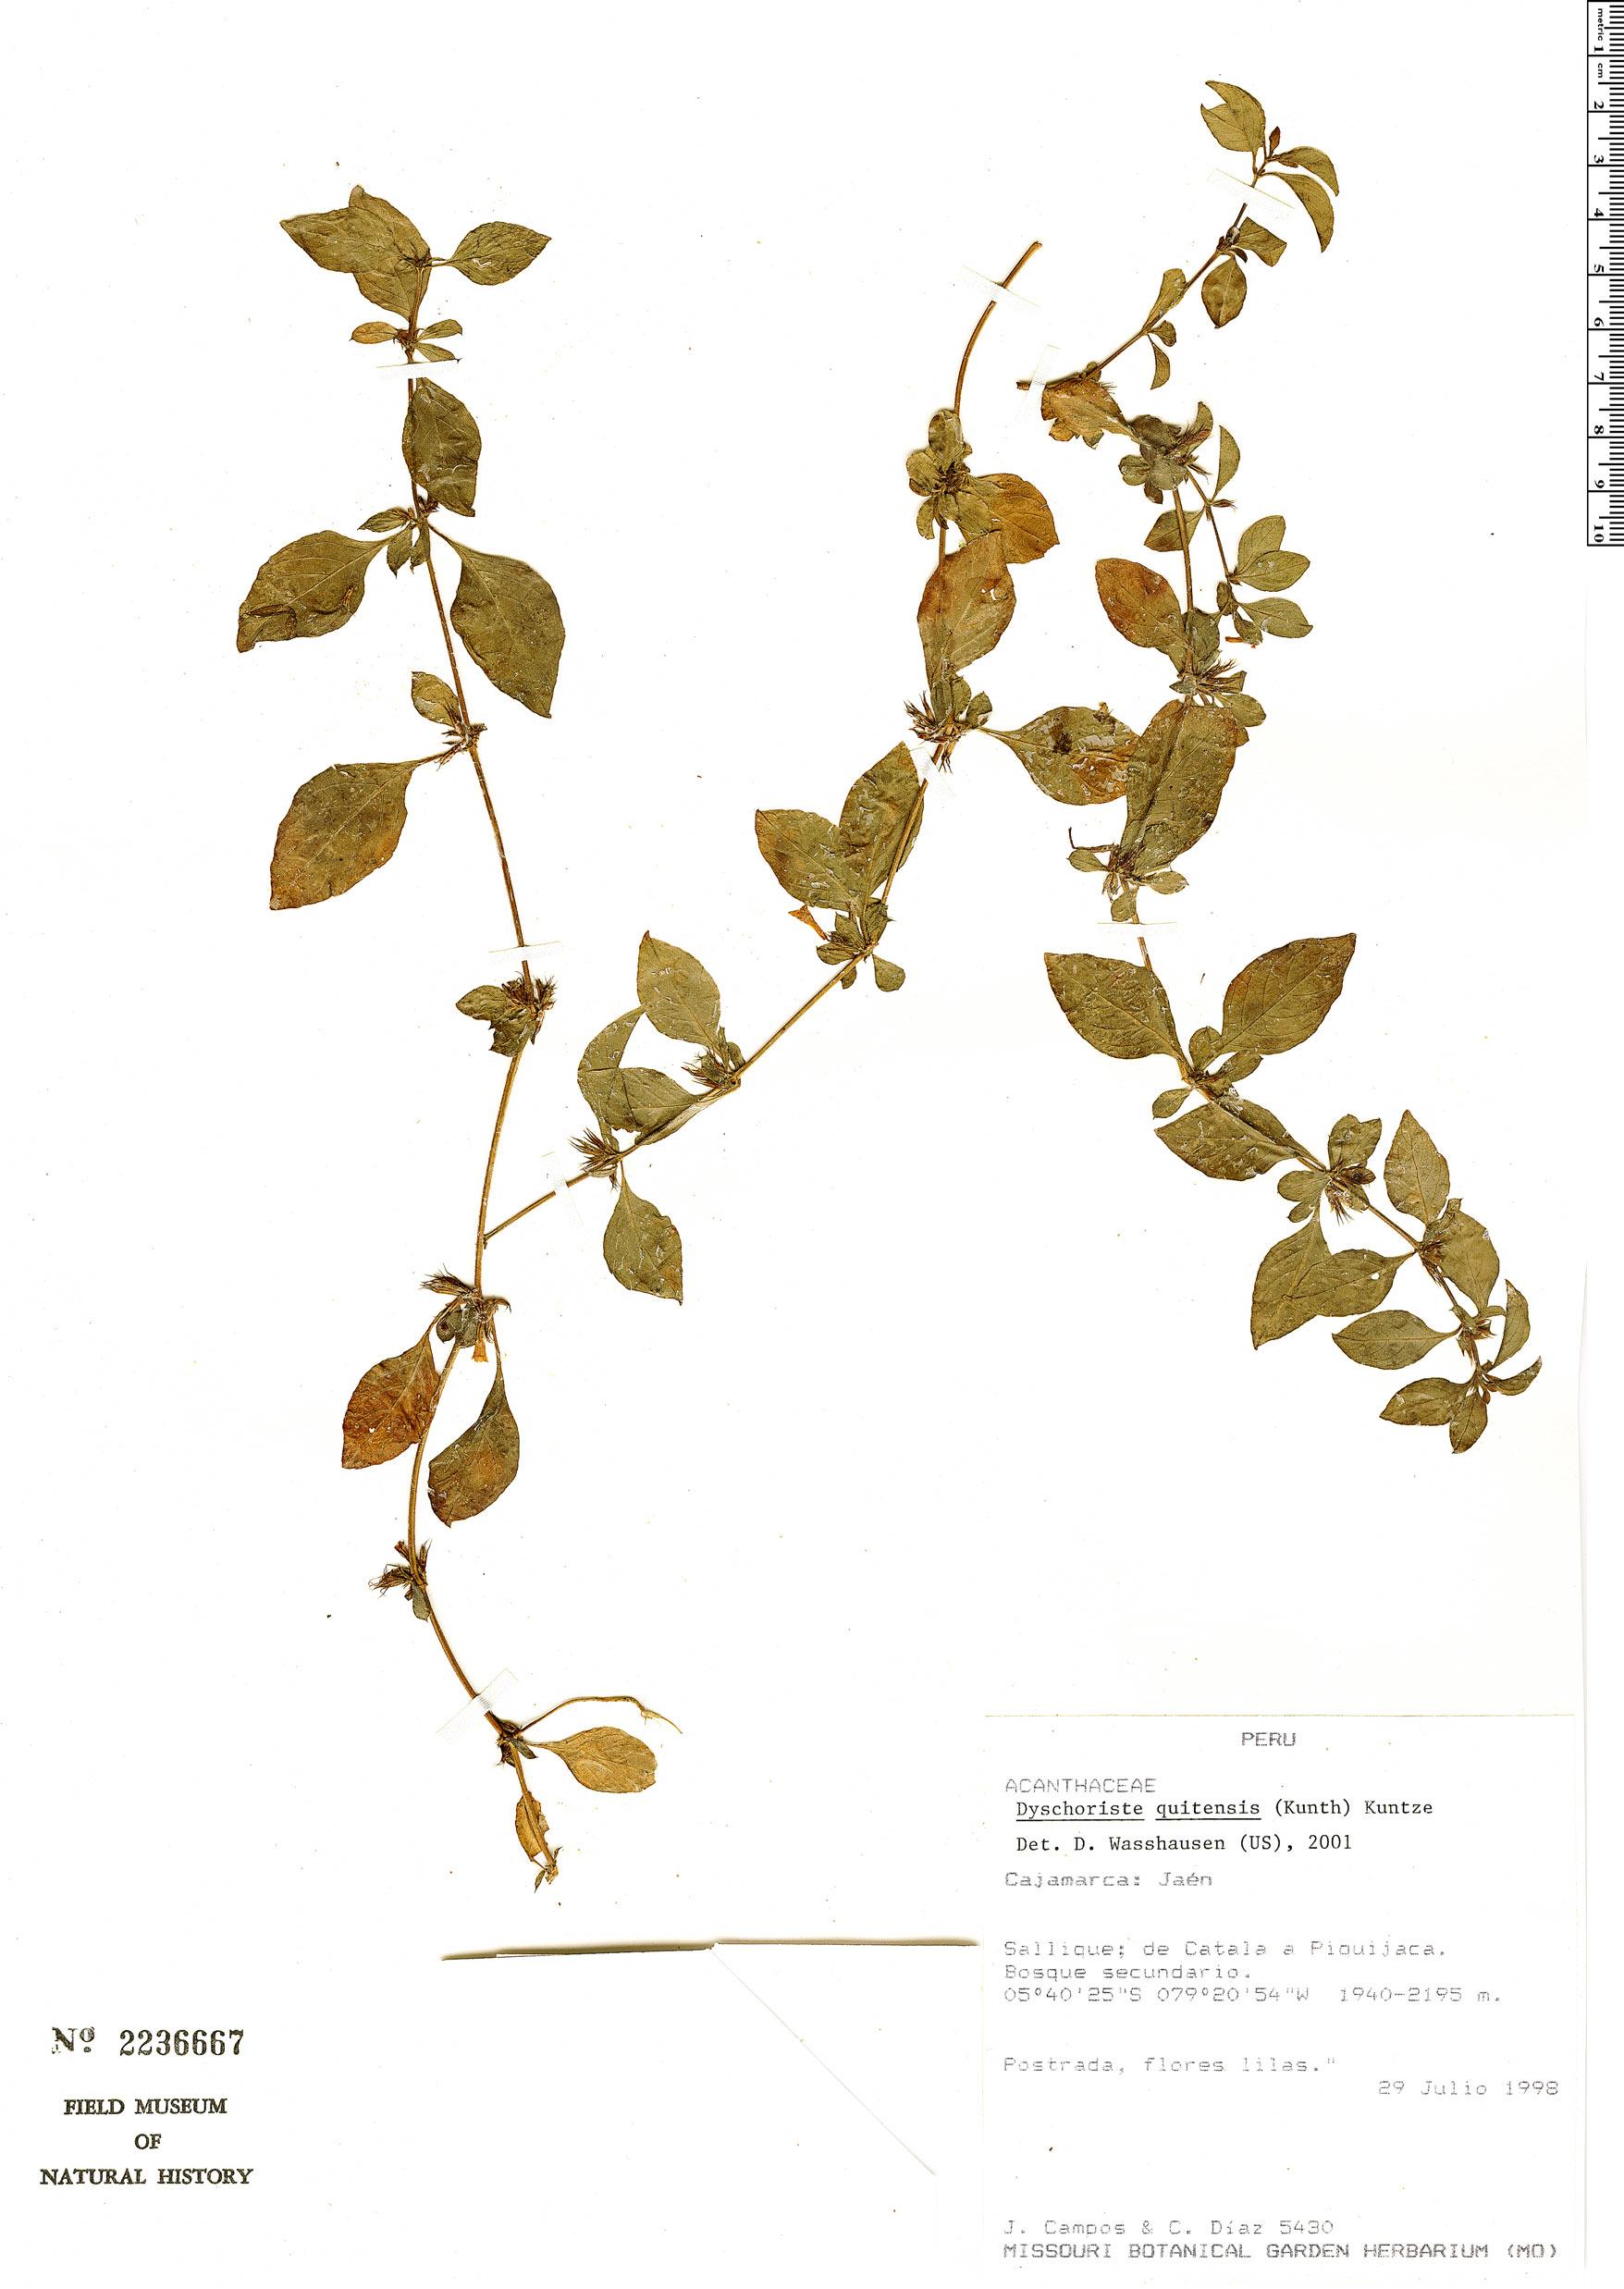 Specimen: Dyschoriste quitensis